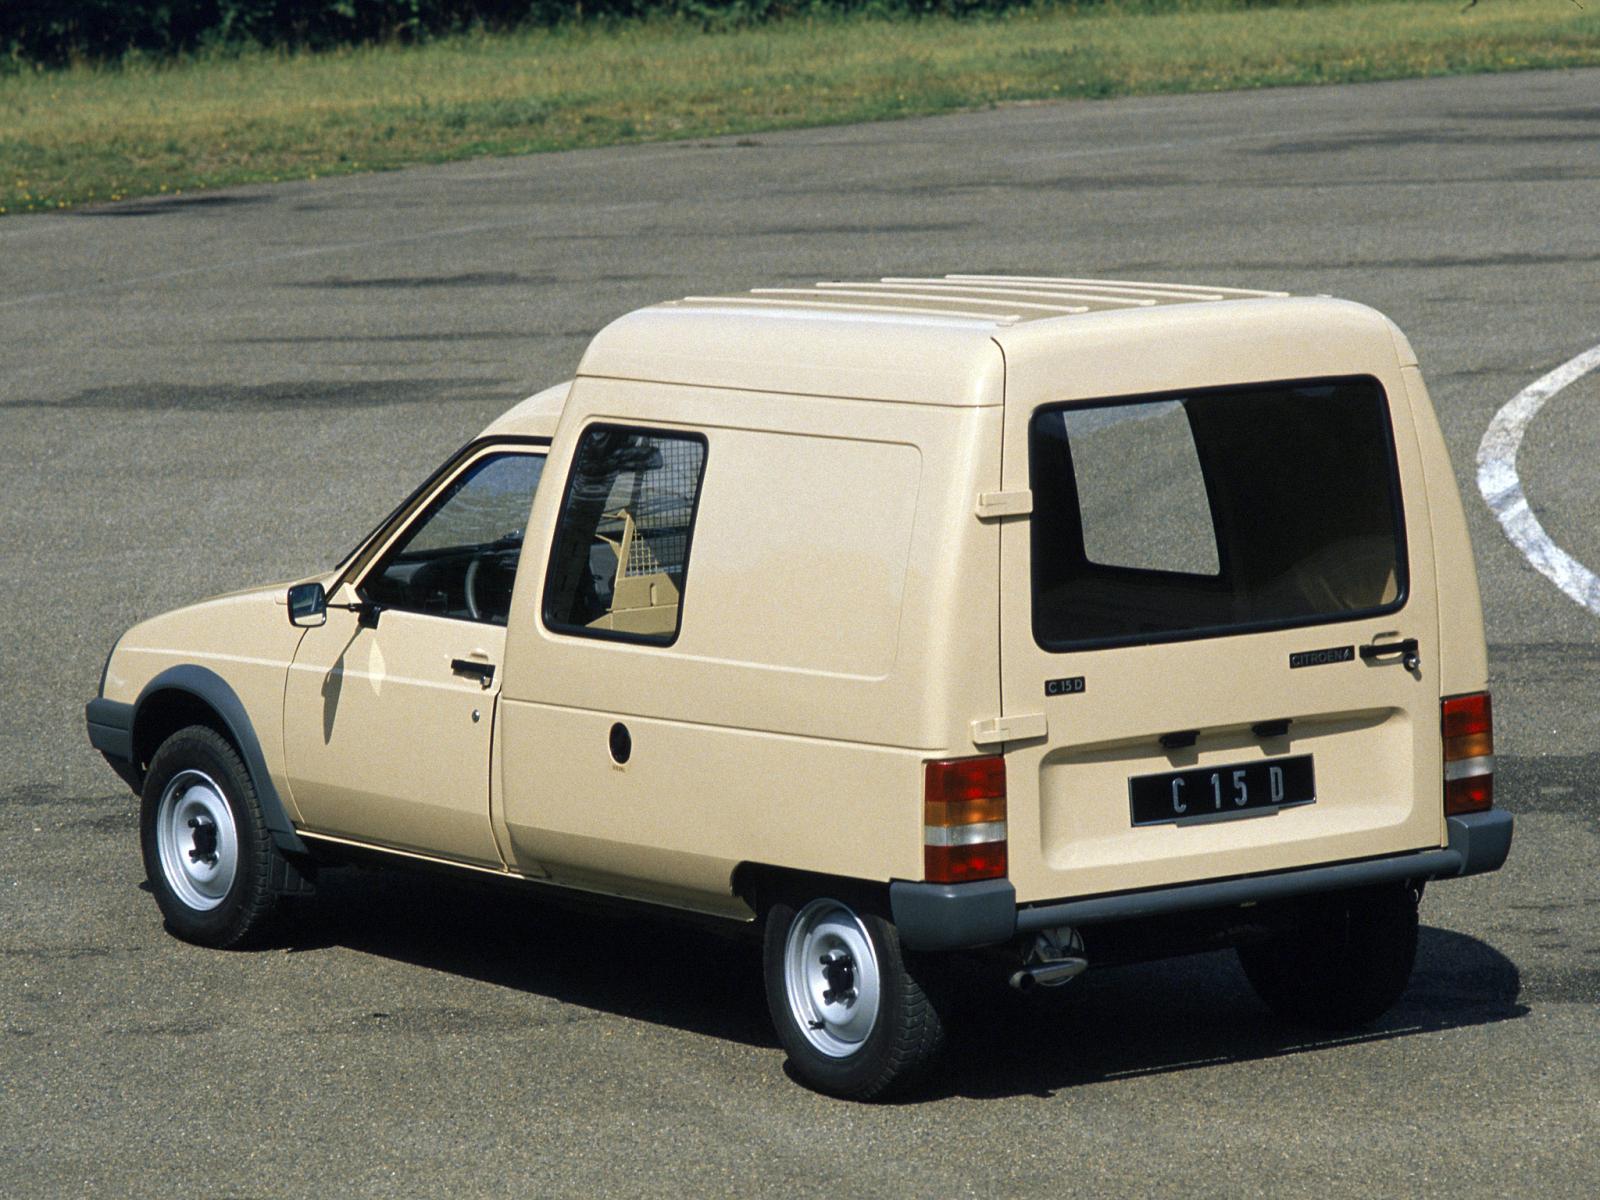 C15 1984 3/4 AR